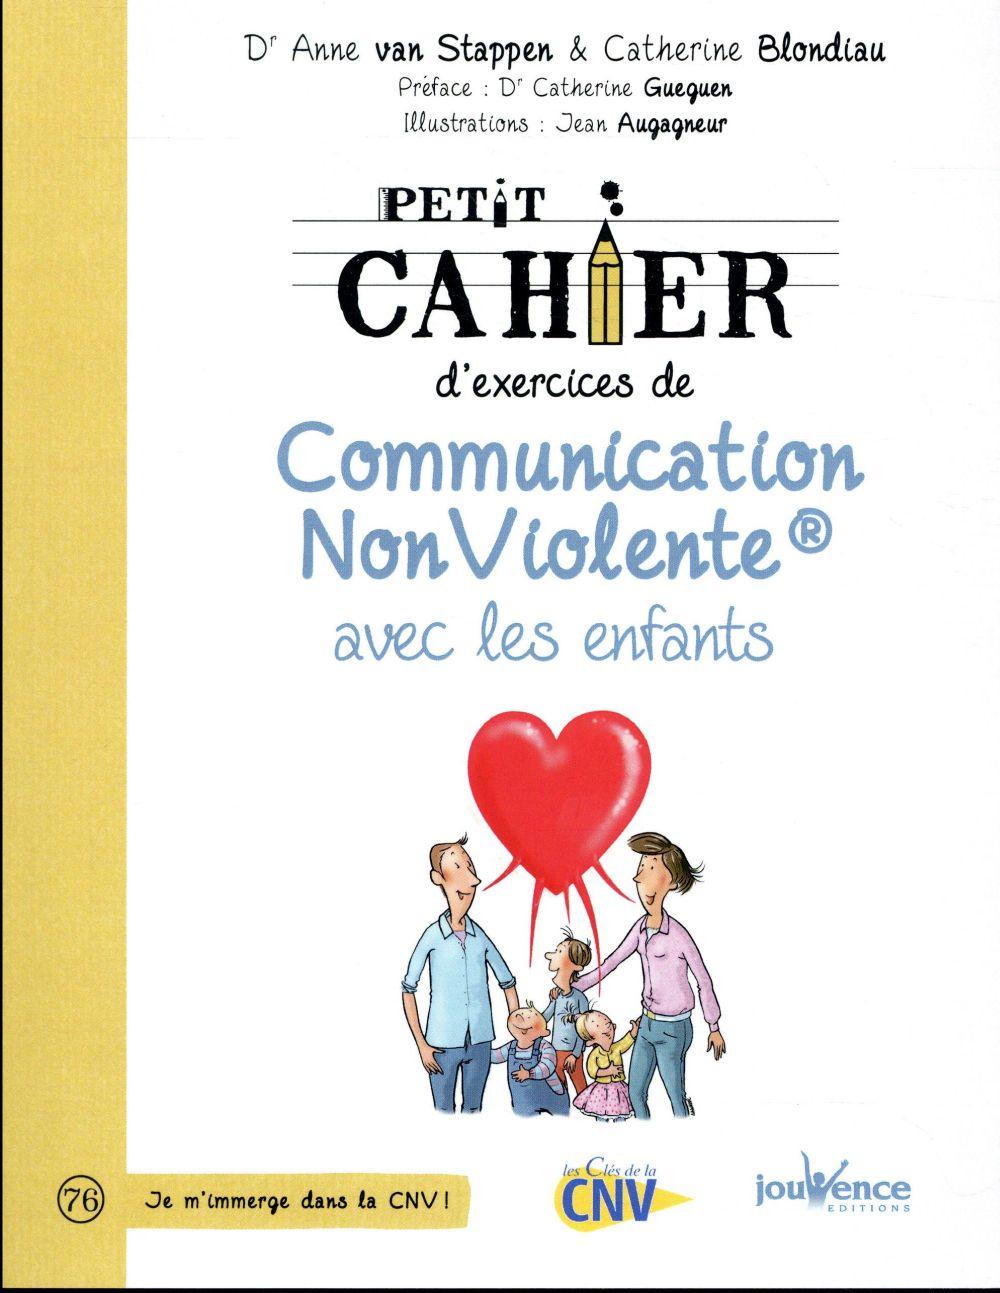 COMMUNICATION NON-VIOLENT AVEC LES ENFANTS